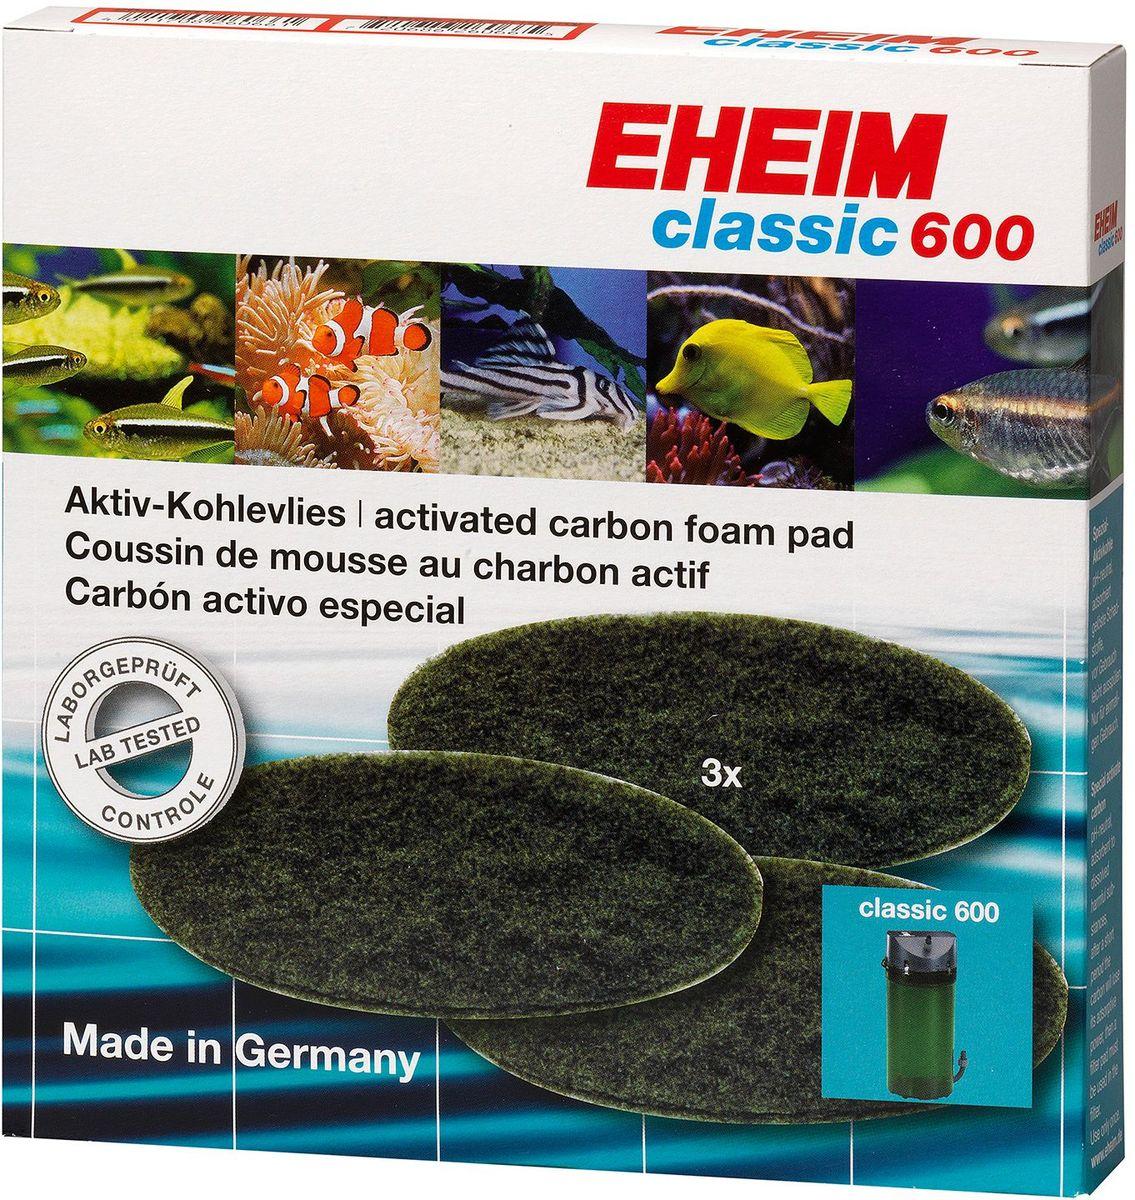 Наполнитель для фильтра Eheim Classic 600, угольный, 3 шт12171996Губка пористая с активированным углем для фильтров CLASSIC применяется при запуске аквариума или после медикаментозного лечения. Эффективно удаляет вредные вещества-хлор, остатки лекарств.